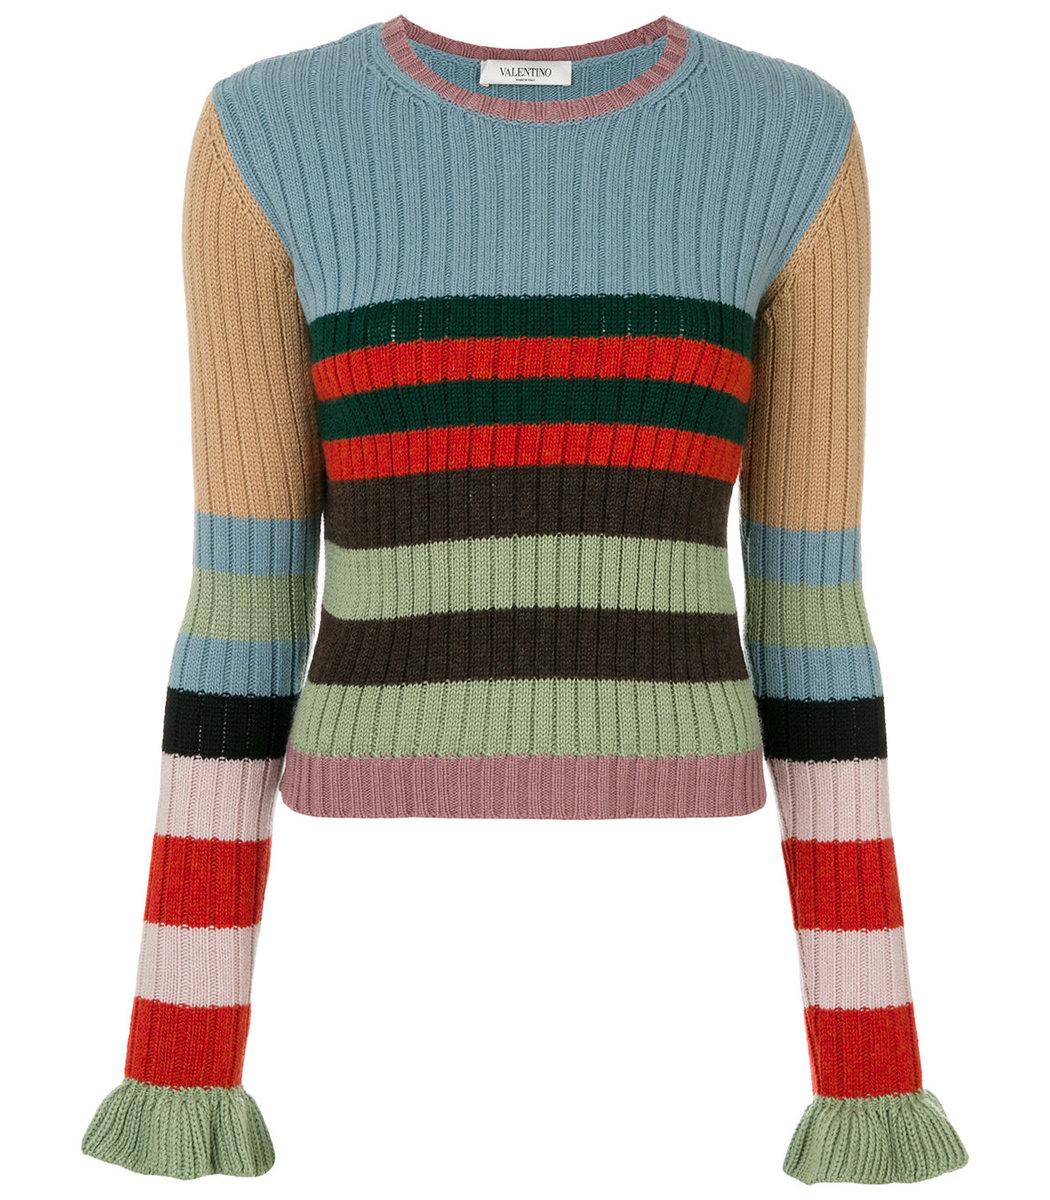 Valentino Striped Sweater - Multicolor Cashmere Sweater